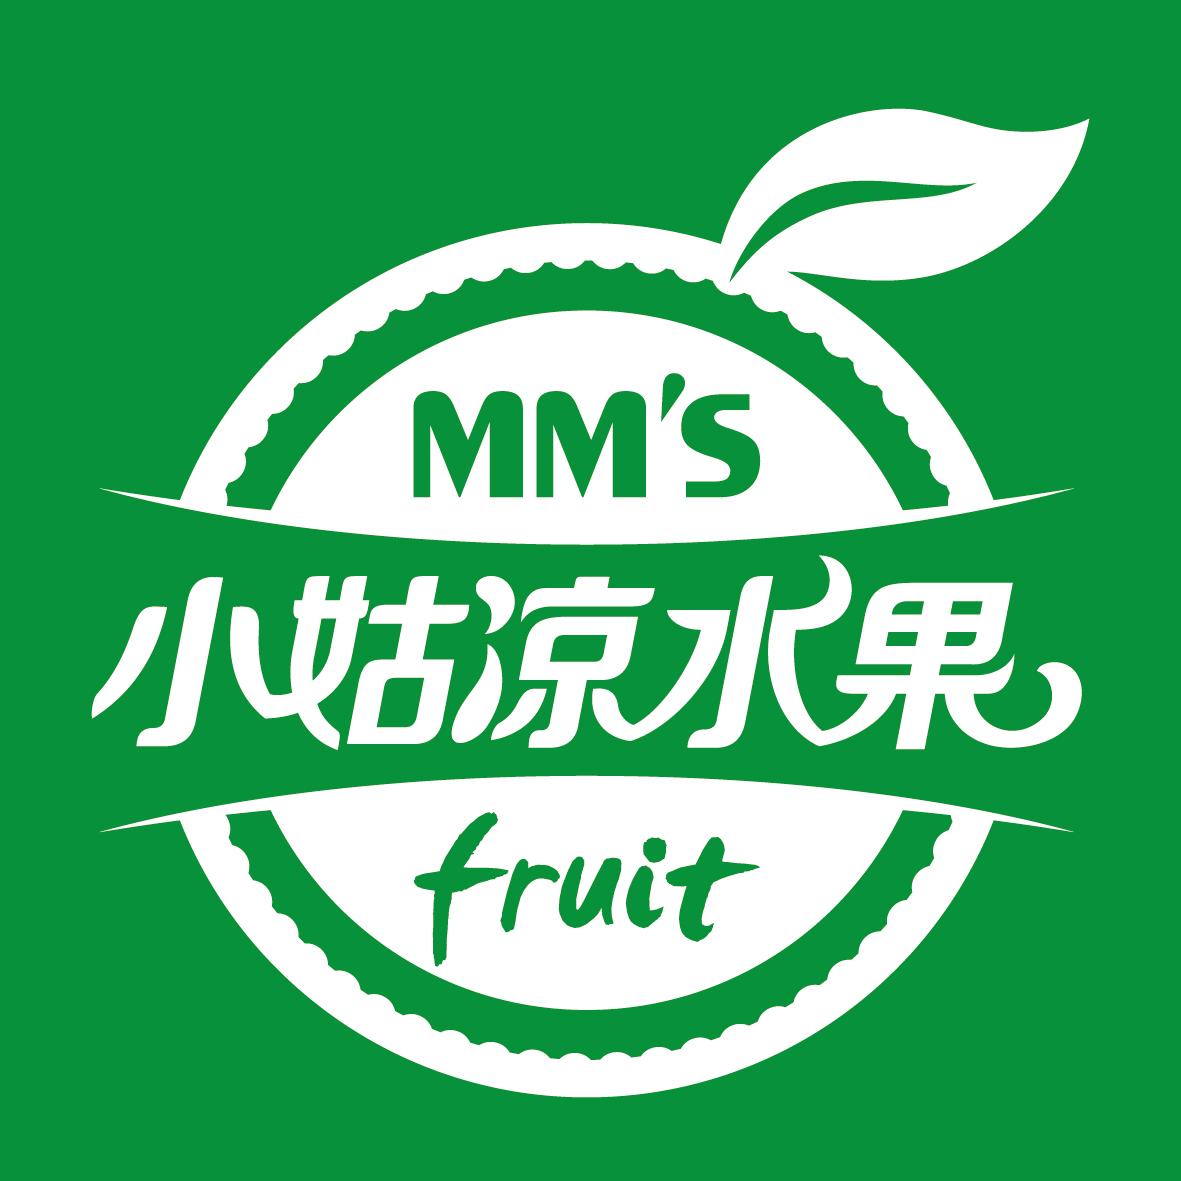 水果店微信头像图片